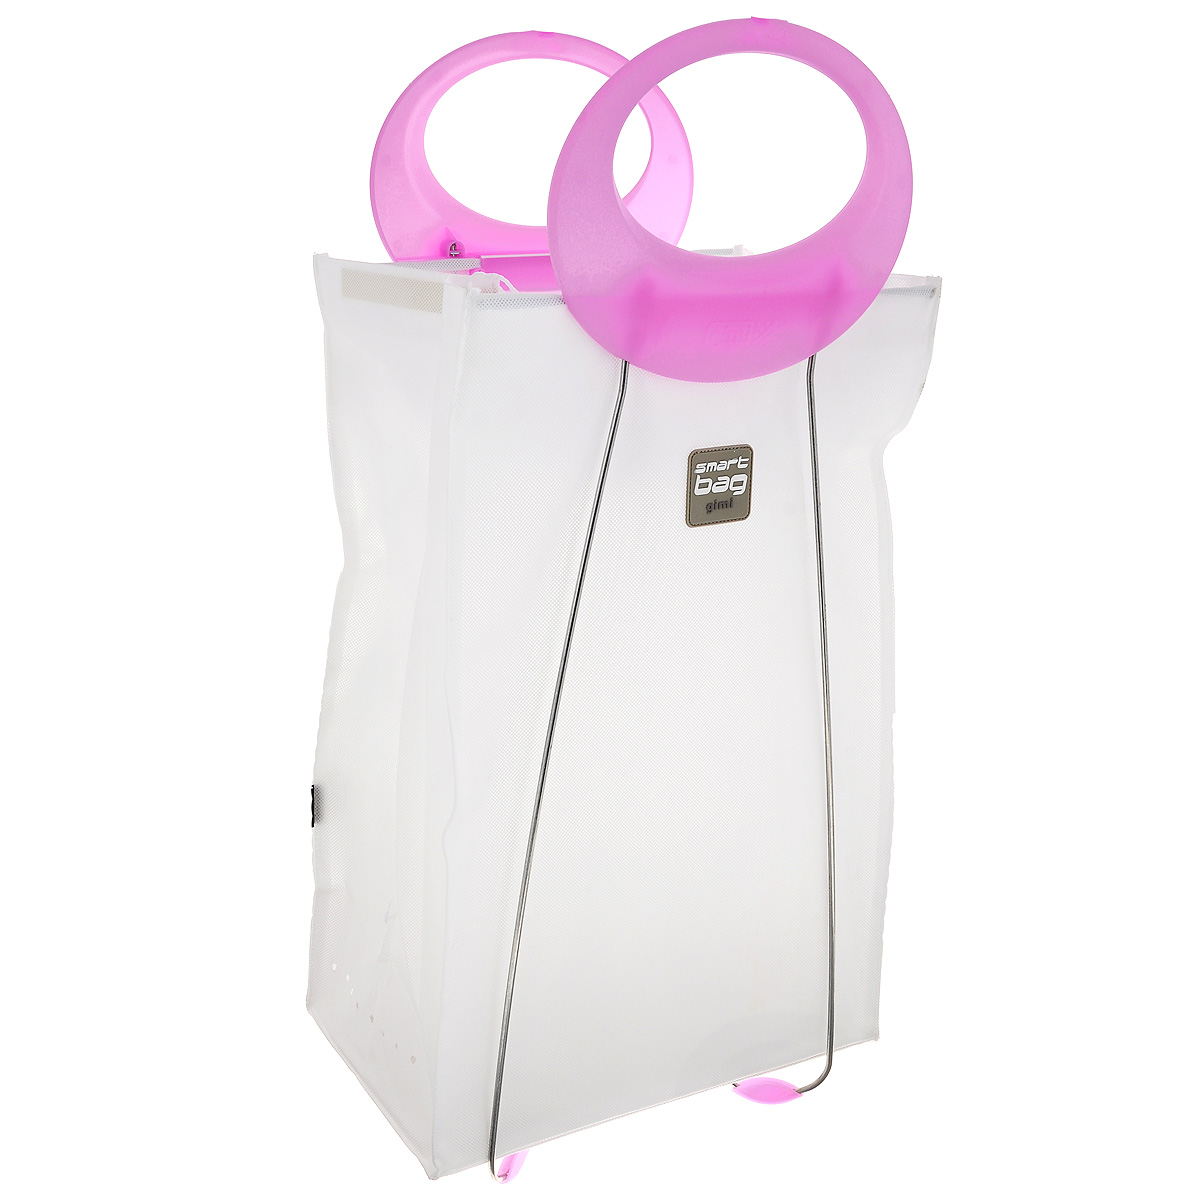 Корзина для белья Gimi Carlotta, цвет: белый, розовый, 39 см х 24 см х 78 см391602Корзина Gimi Carlotta, изготовленная из текстиля, предназначена для хранения белья. Каркас корзины выполнен из стали, благодаря чему она хорошо держит форму. Наверху у корзины имеются шнурки, завязав которые, можно скрыть содержимое корзины. В такой корзине удобно переносить белье в химчистку, так как она оснащена эргономичными пластиковыми ручками.В сложенном виде занимает минимум пространства. Легко складывается и раскладывается.Размер в сложенном виде: 39 см х 6 см х 78 см.